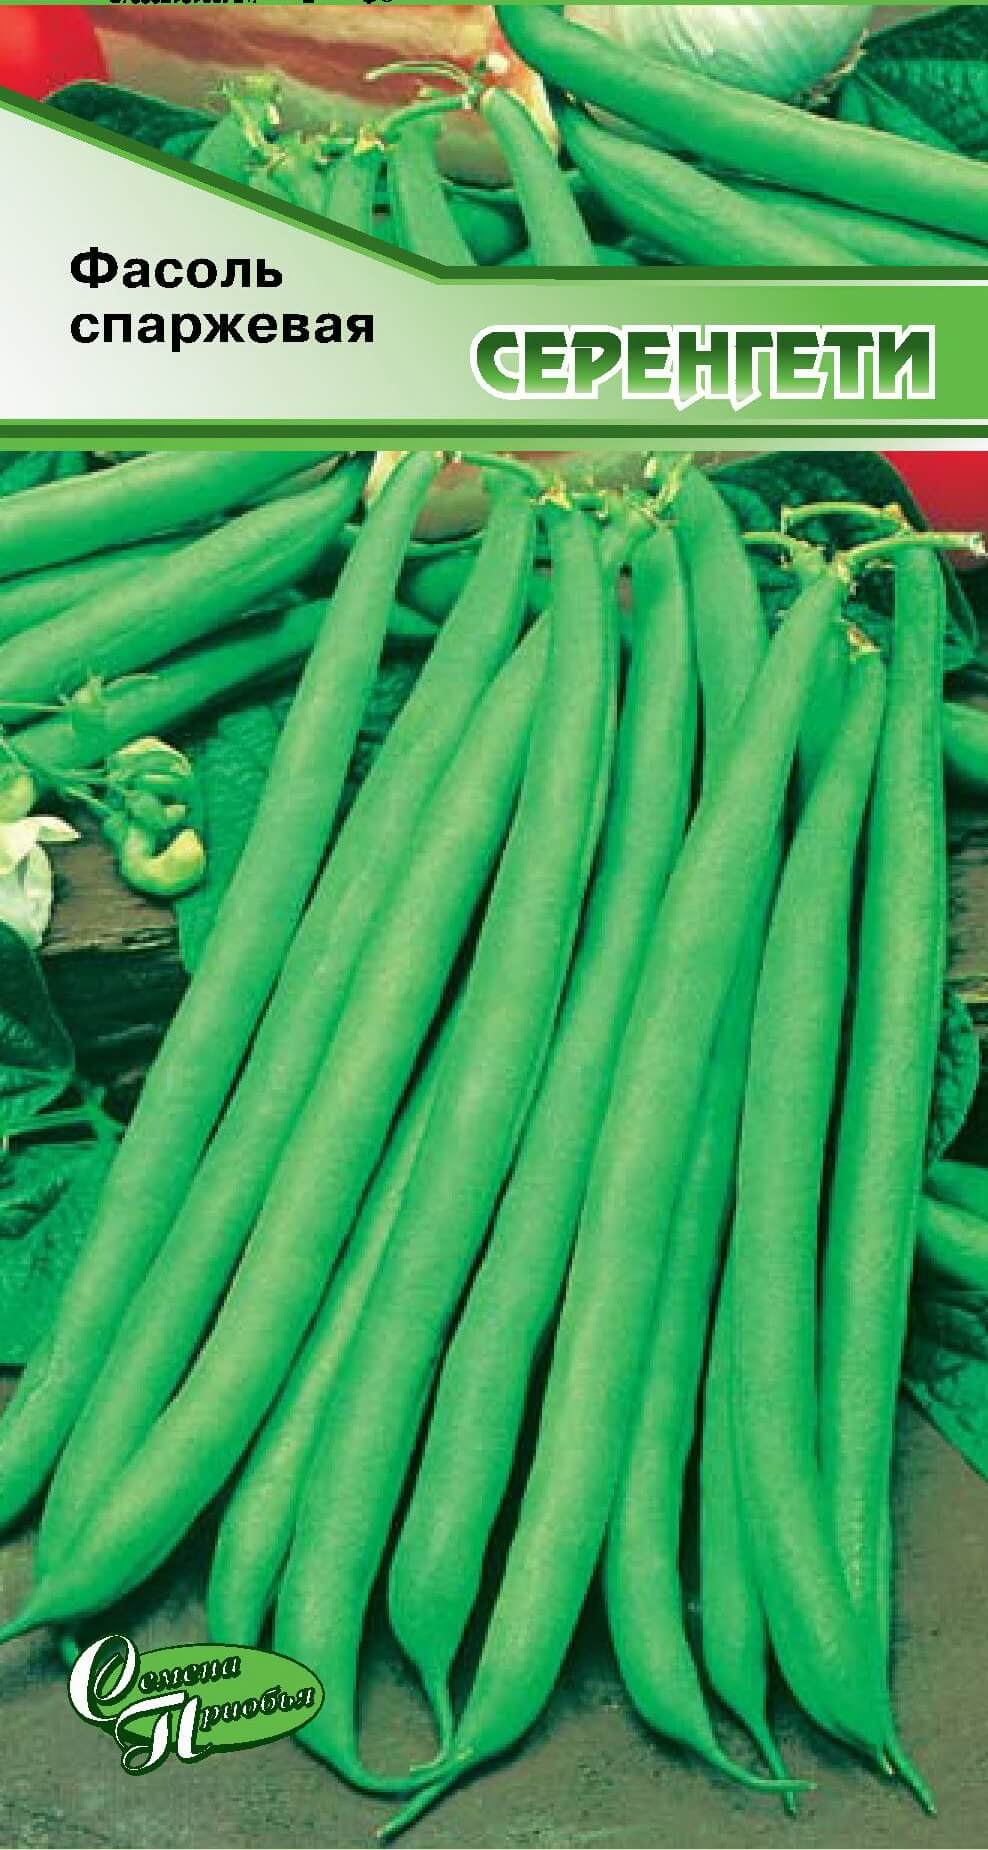 Фасоль Серенгети (спаржевая, зеленая) ф.п.20шт